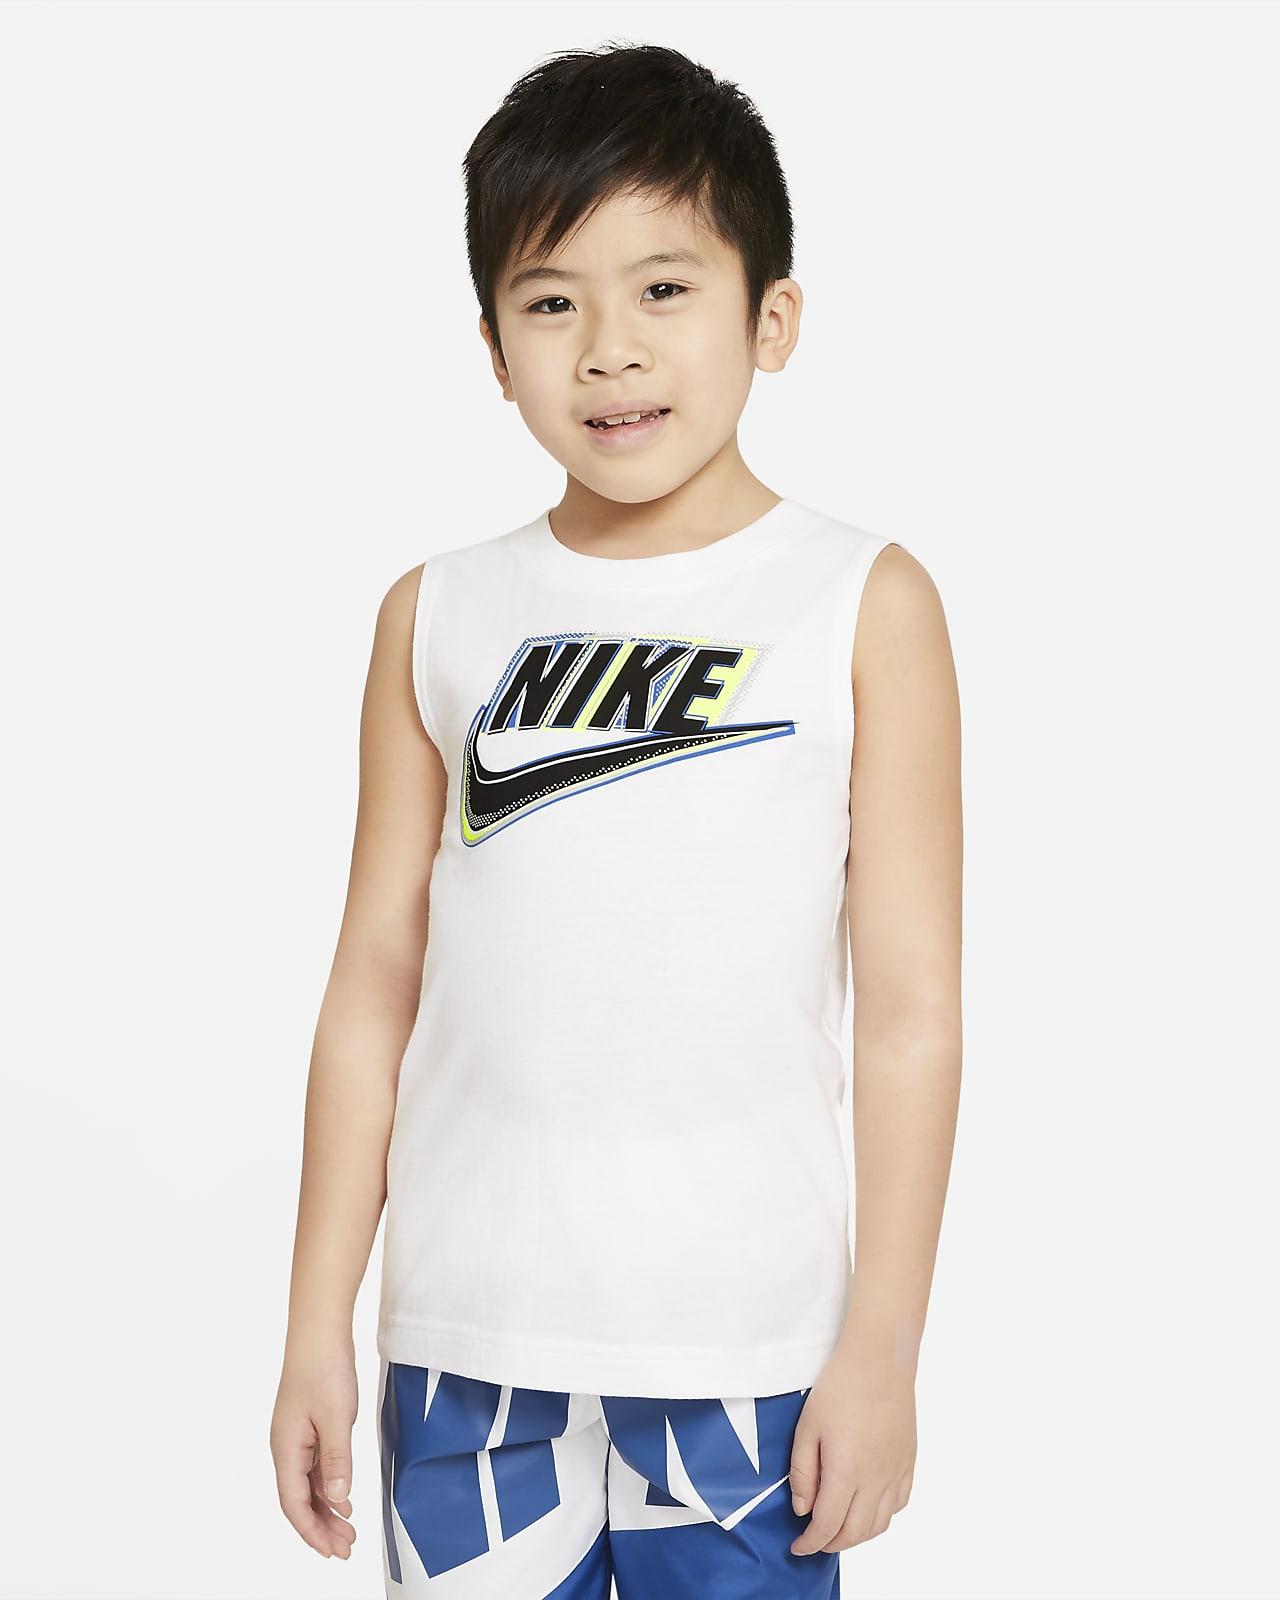 Camiseta de tirantes para niños talla pequeña Nike